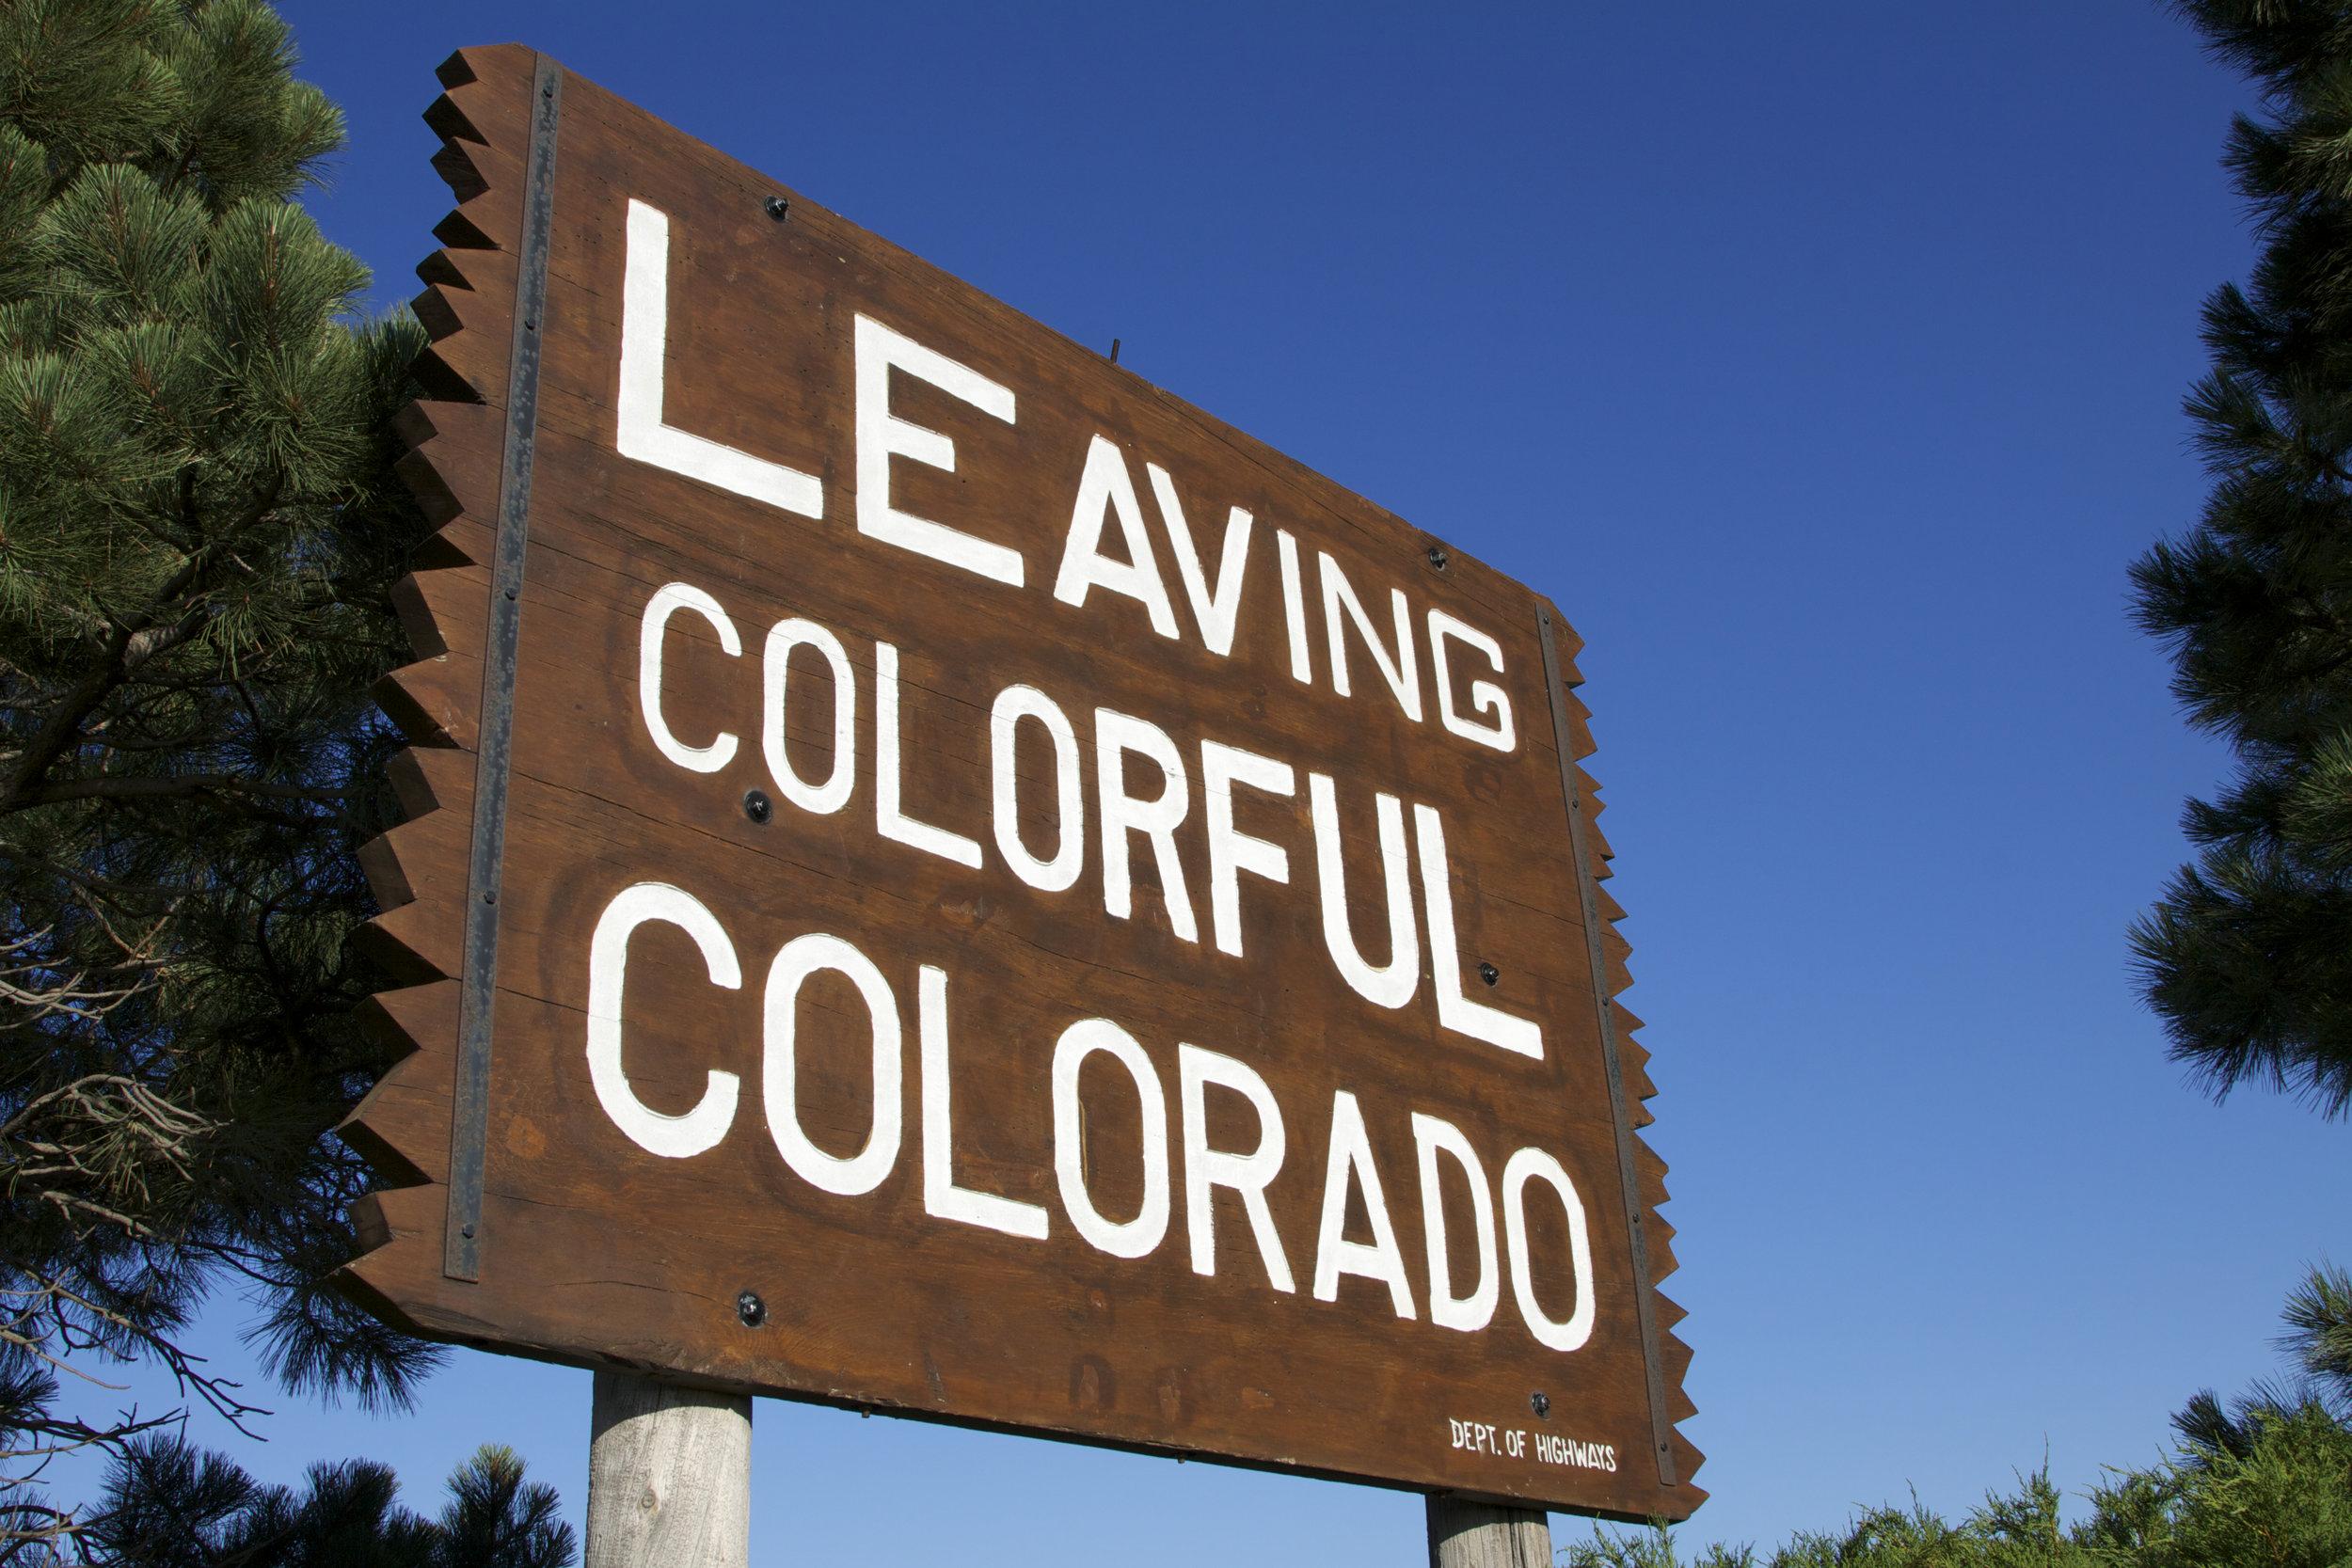 Leaving Colorful Colorado